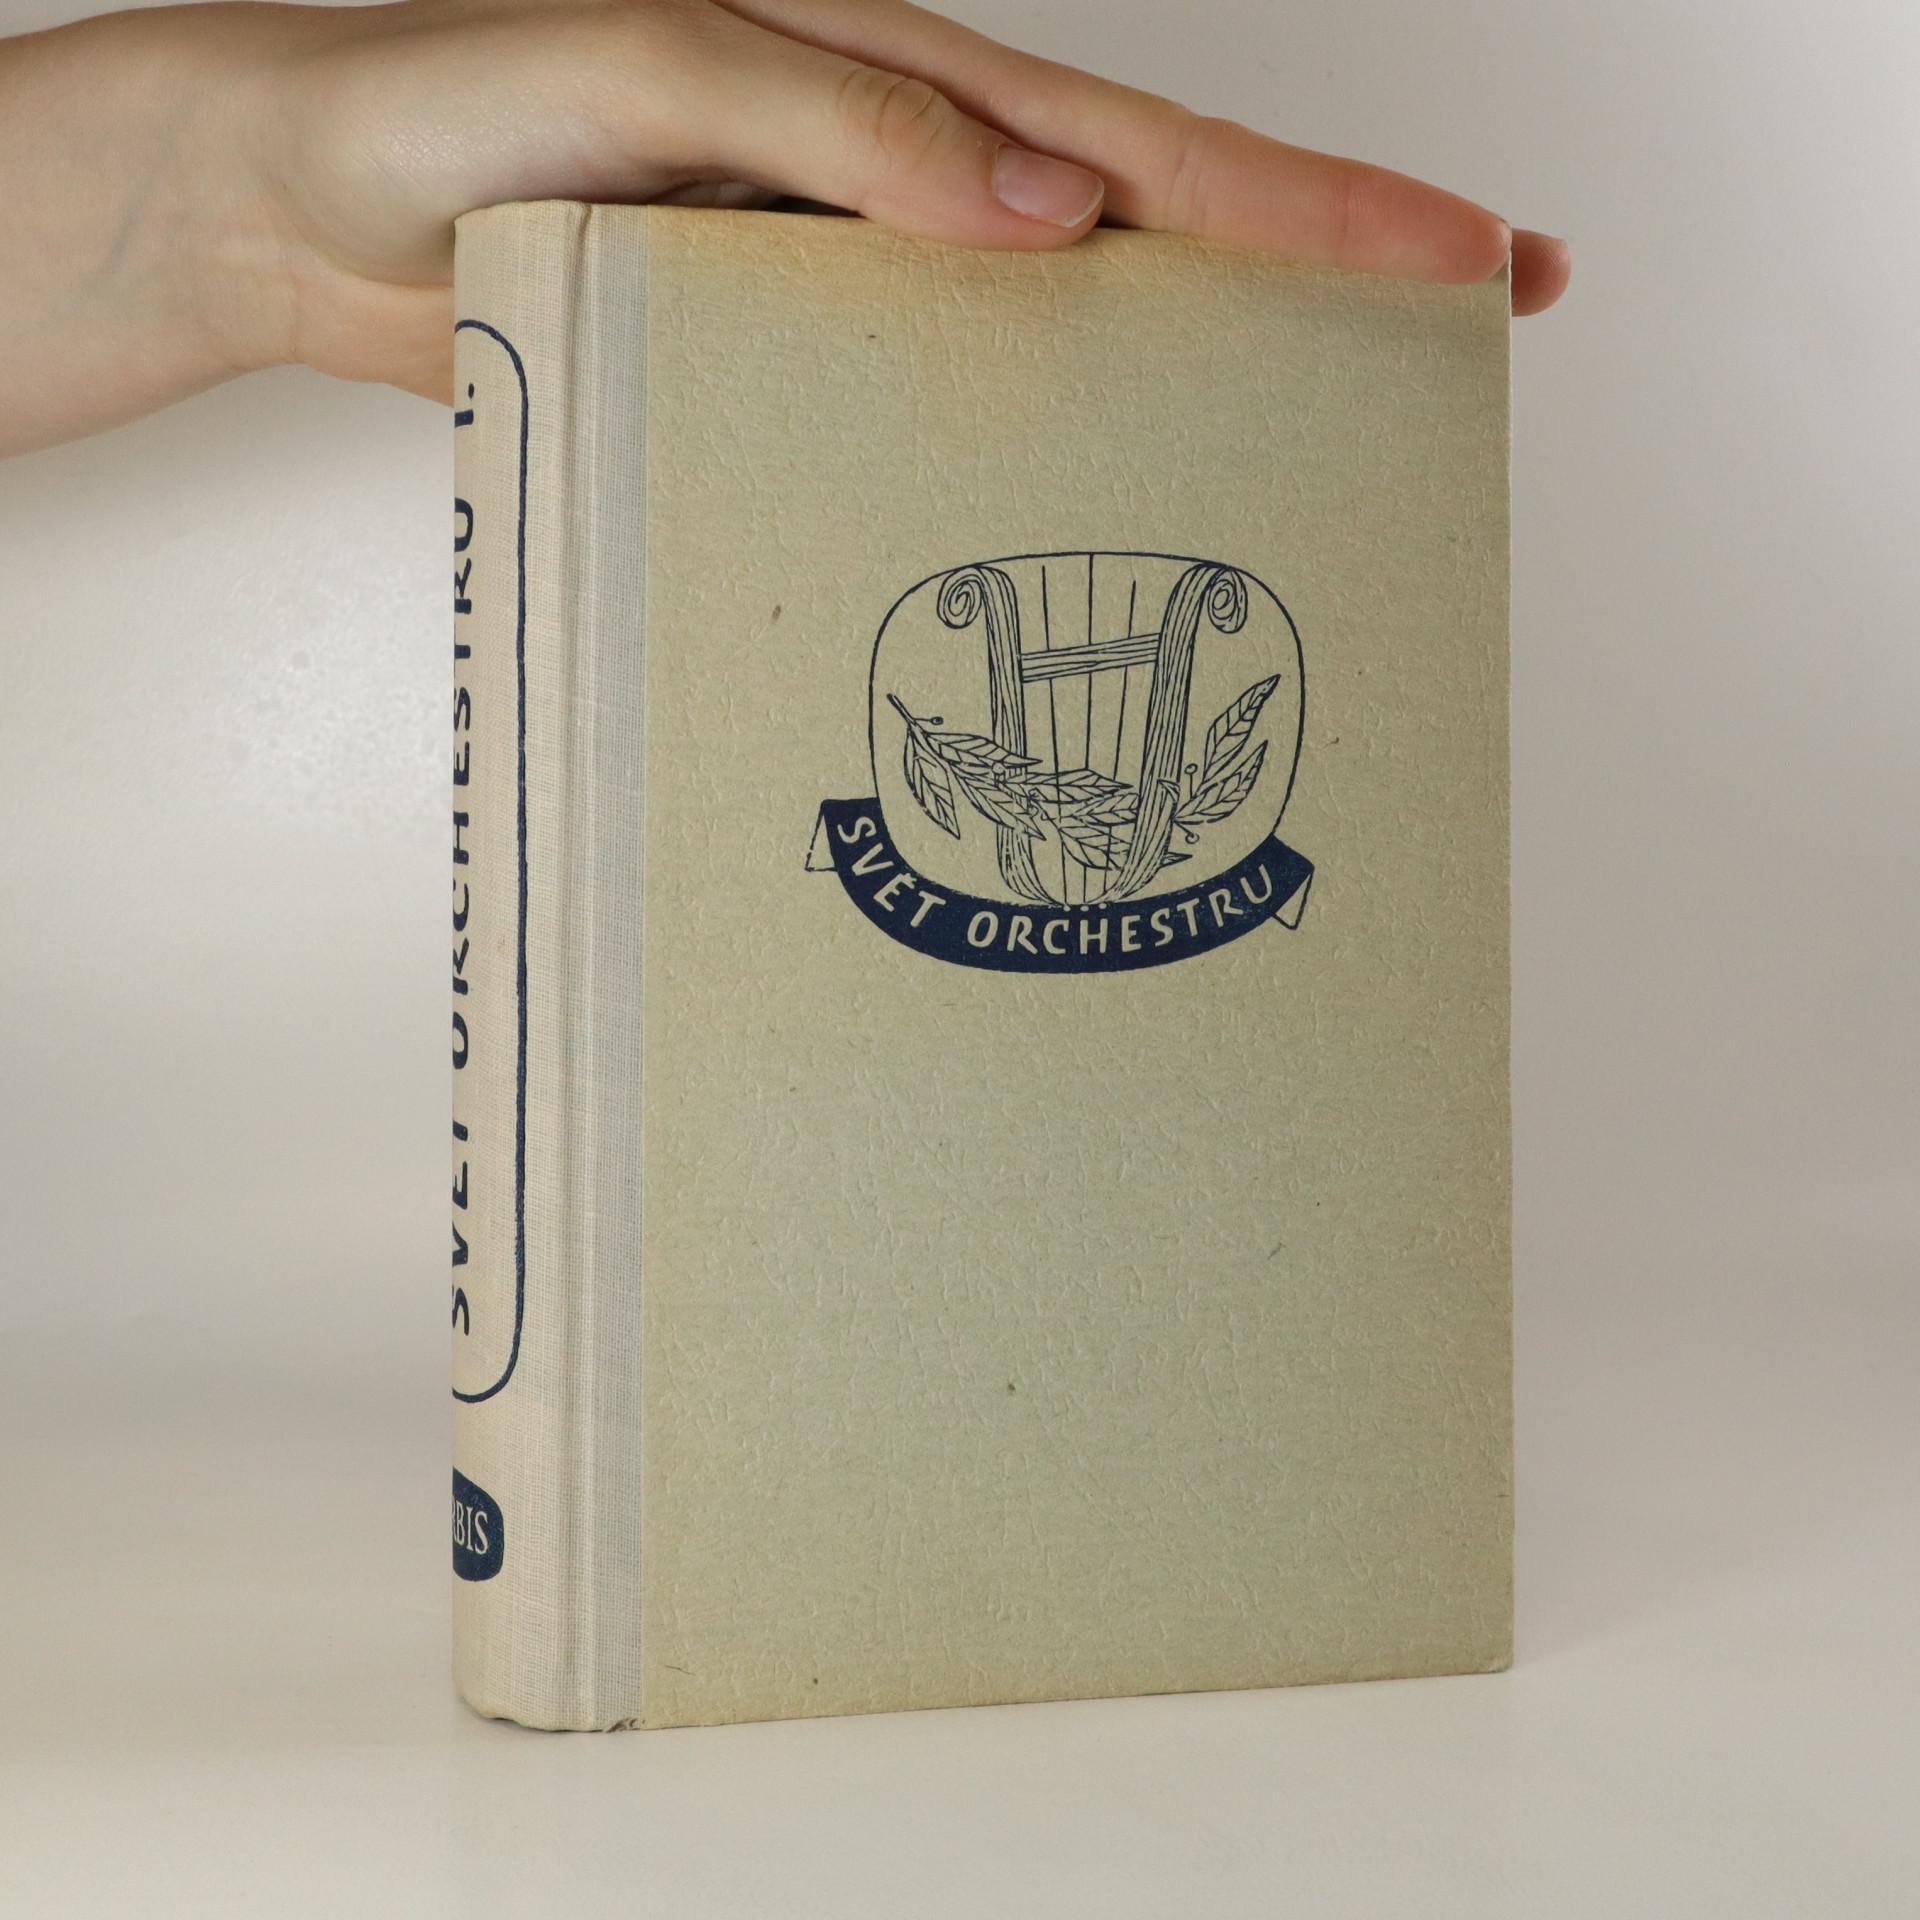 antikvární kniha Svět orchestru , 1952